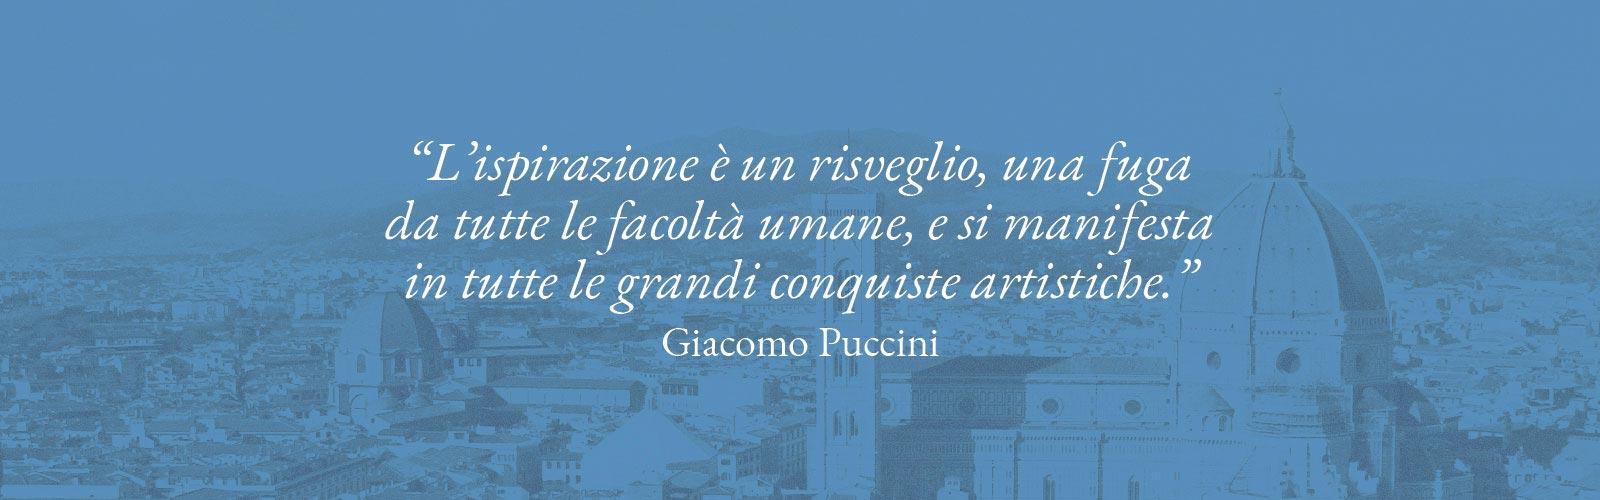 puccini-it